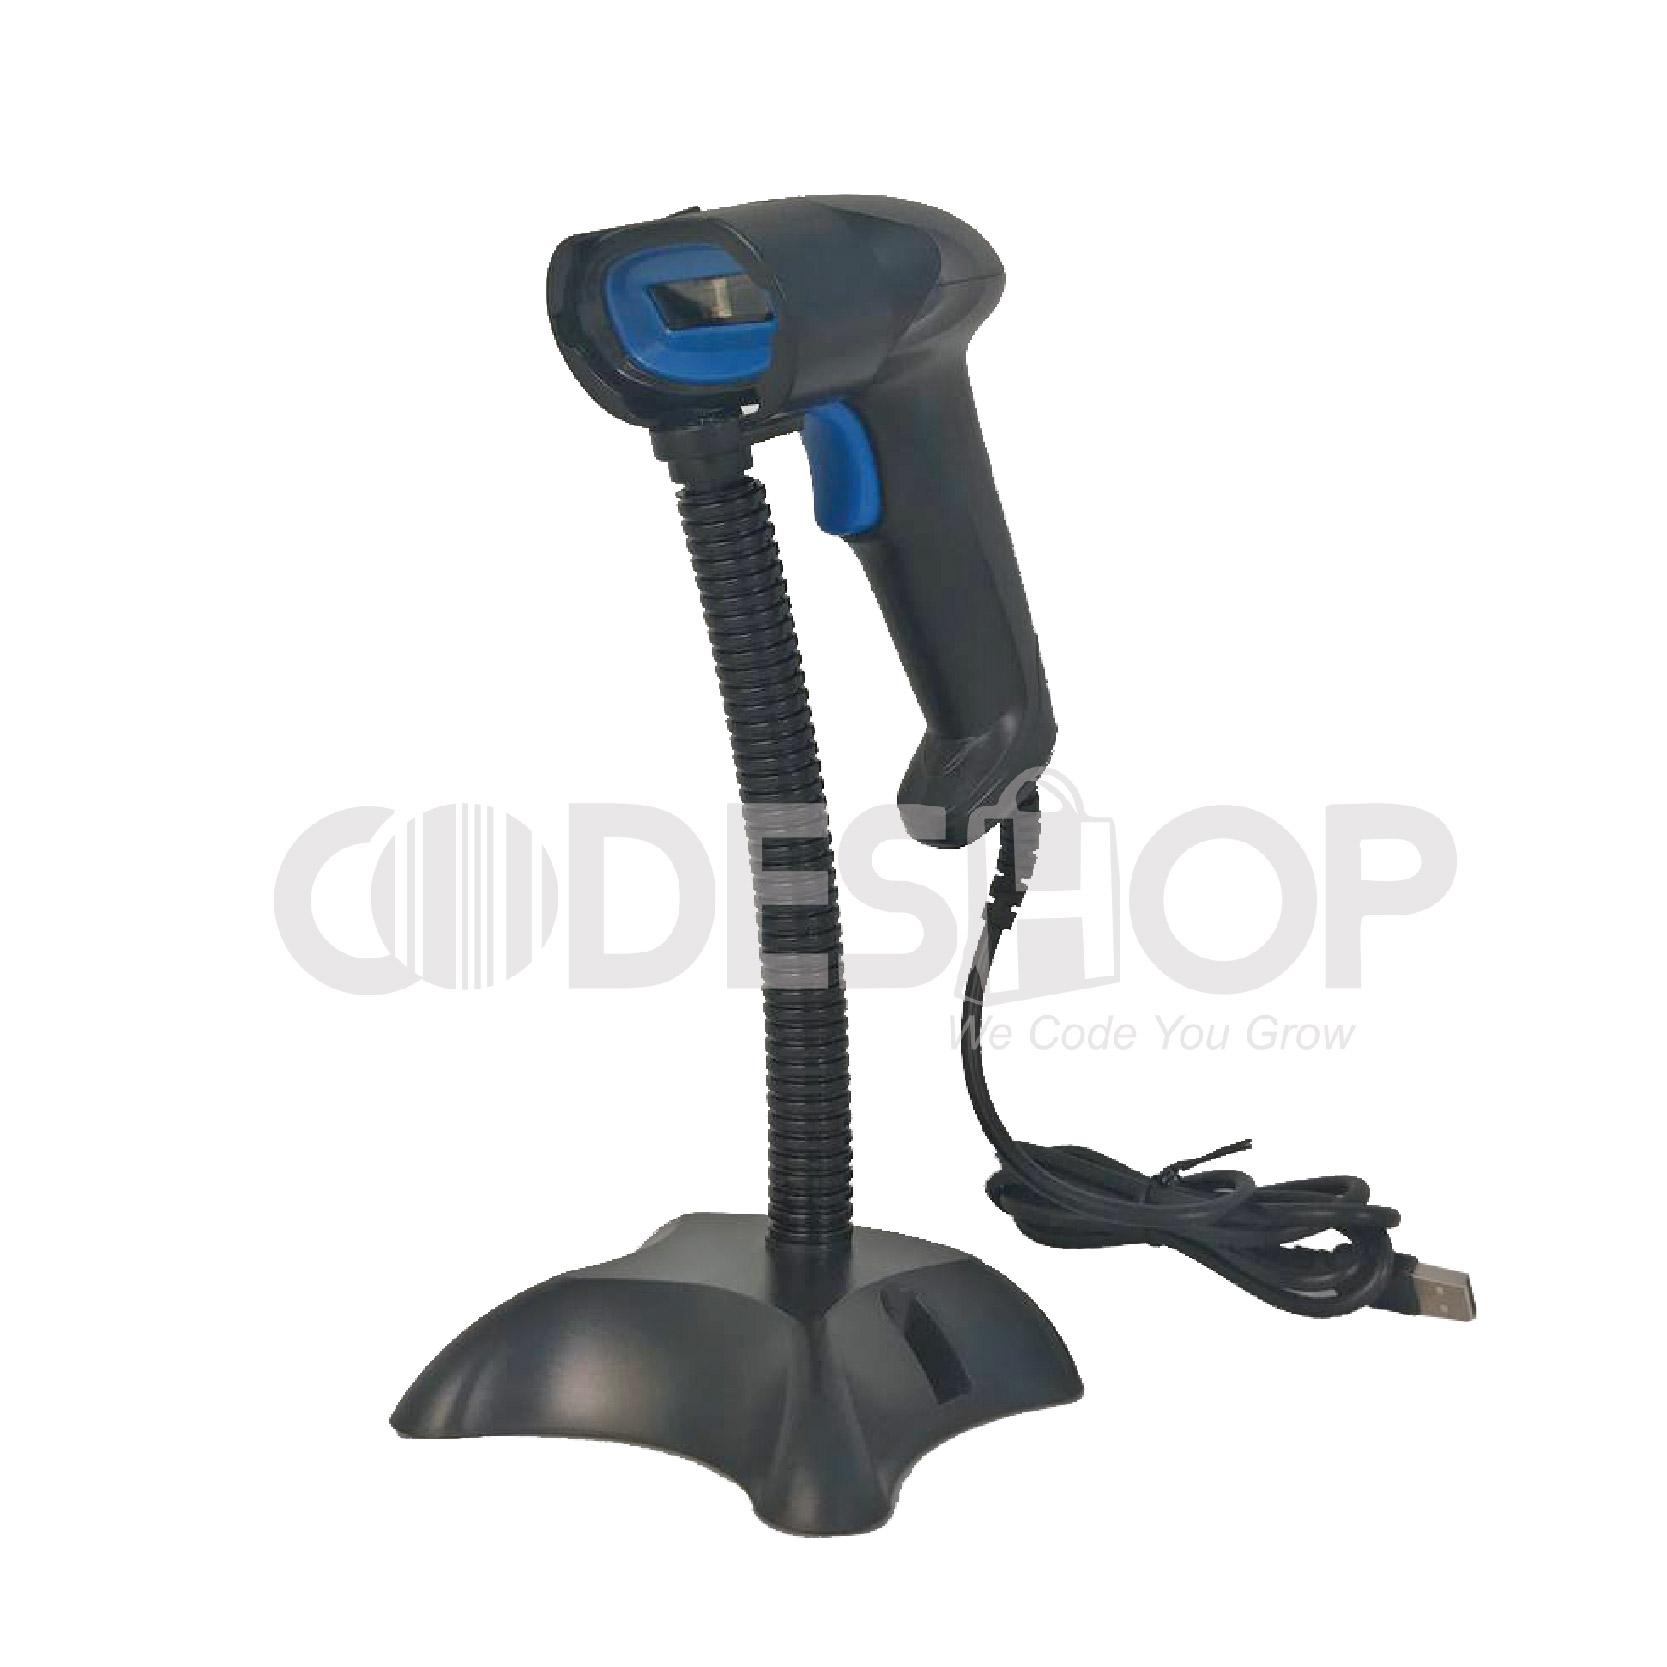 barcode-scanner-autoscan-1d-murah-cd-303-codeshop